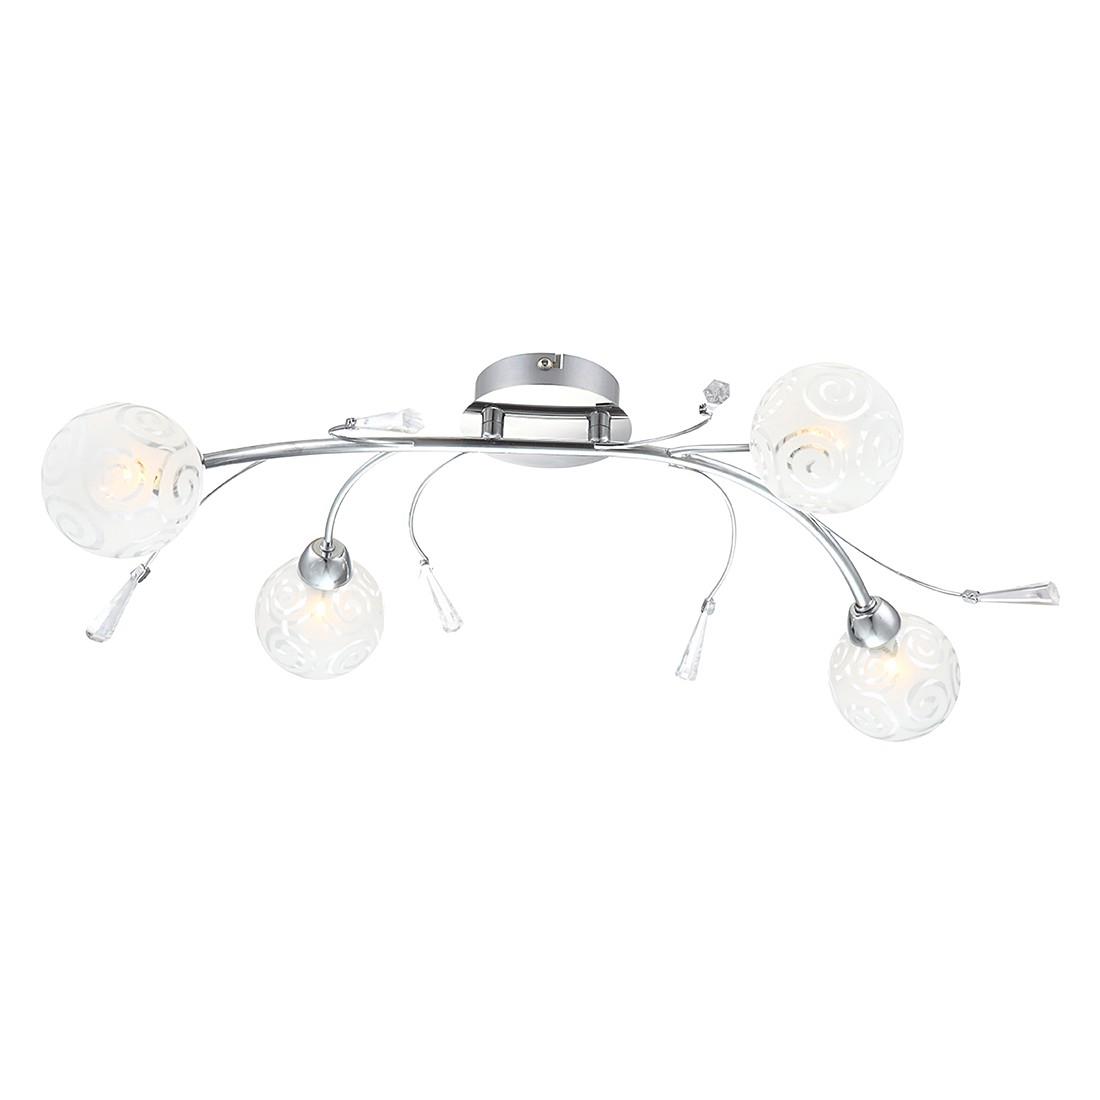 EEK A++, Deckenleuchte ORLENE – Metall – Silber – 4-flammig, Globo Lighting jetzt bestellen